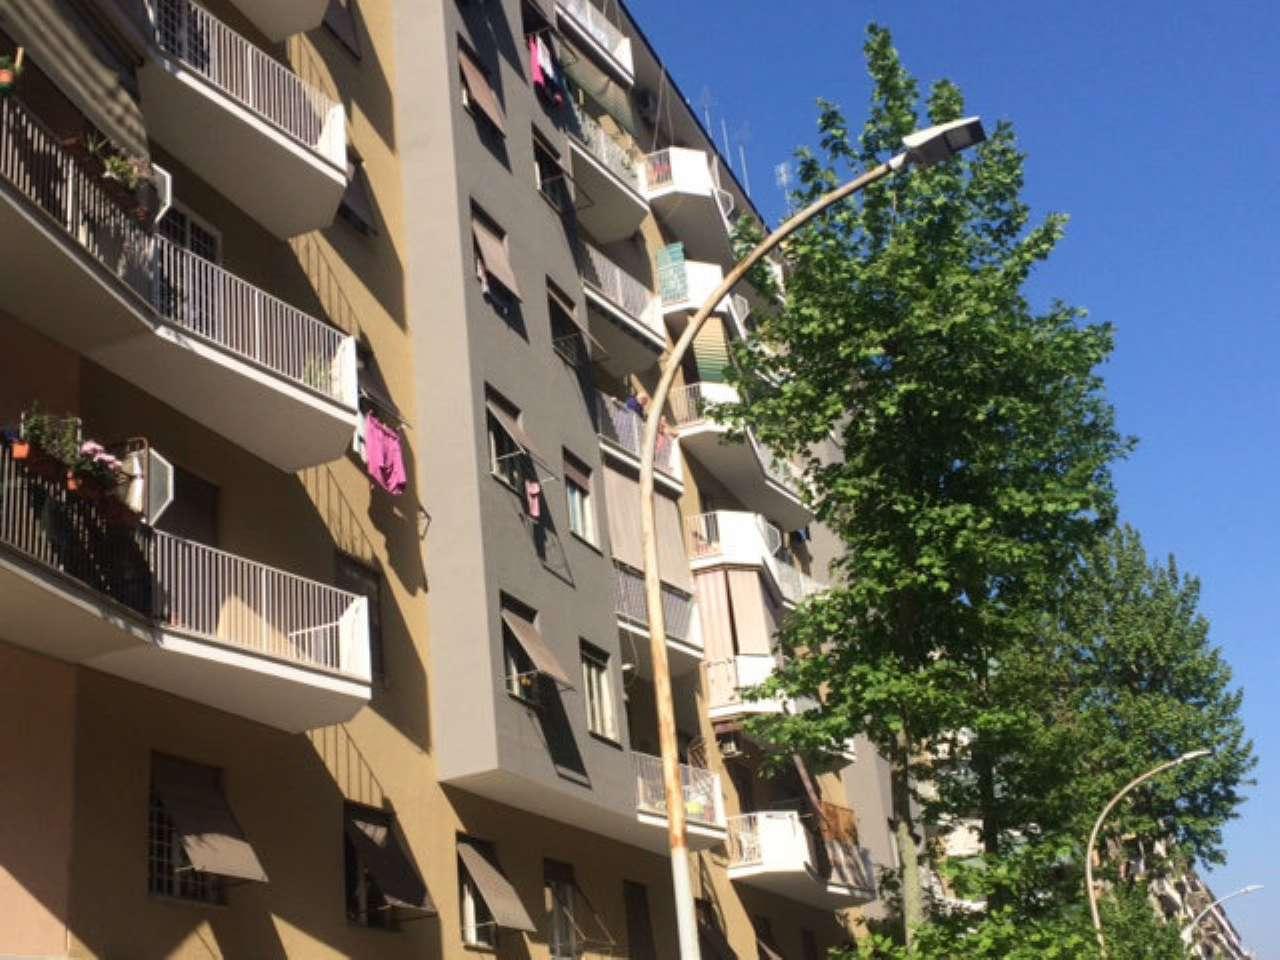 Appartamento in vendita a Roma, 2 locali, zona Zona: 13 . Tuscolano, Appio Claudio, Villa Lais, Quadraro, prezzo € 135.000 | CambioCasa.it